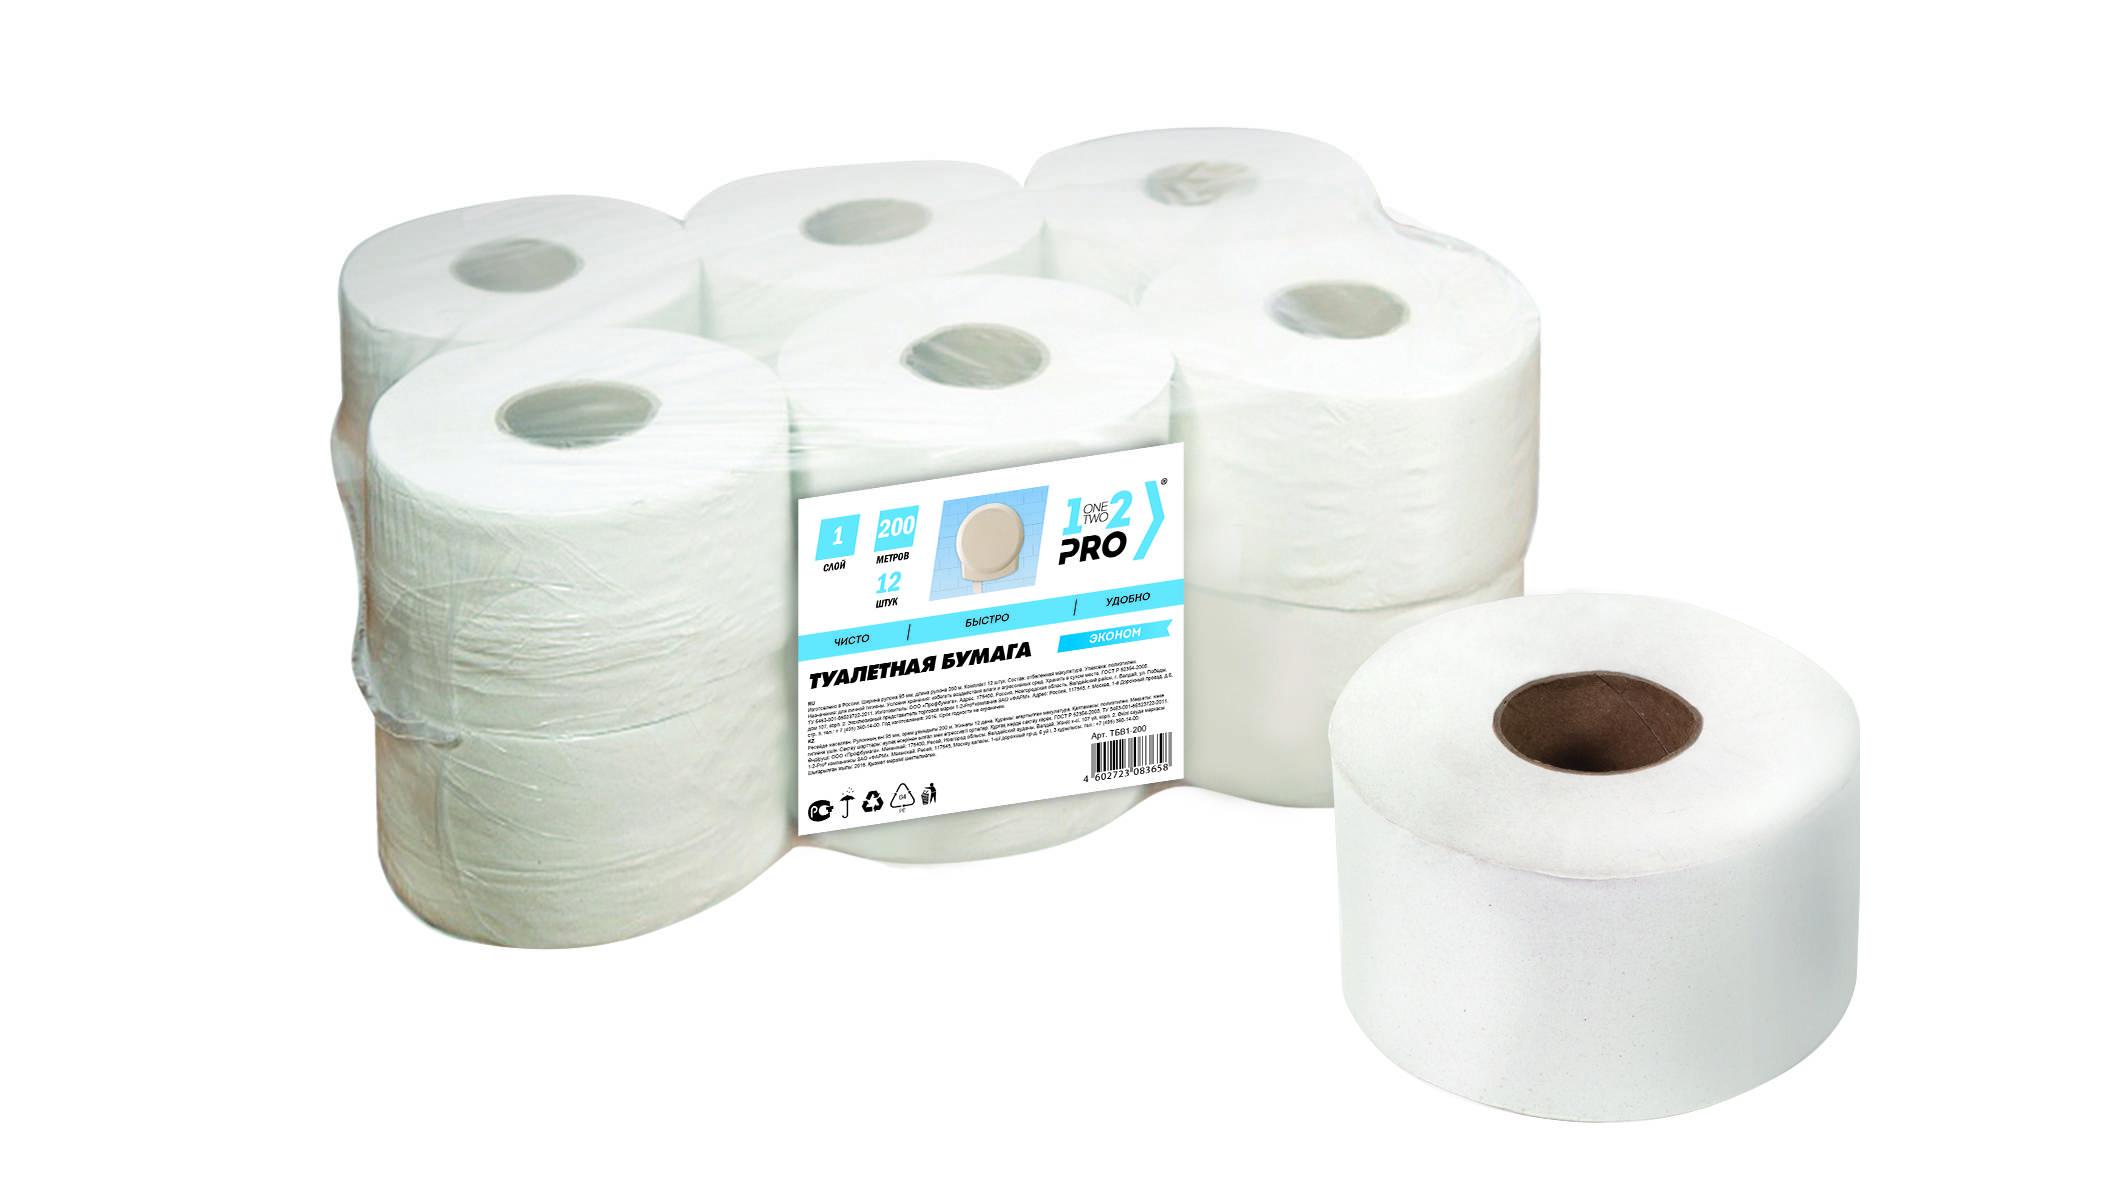 Бумага туалетная однослойная 1-2-PRO ЭКОНОМ 200 м белый